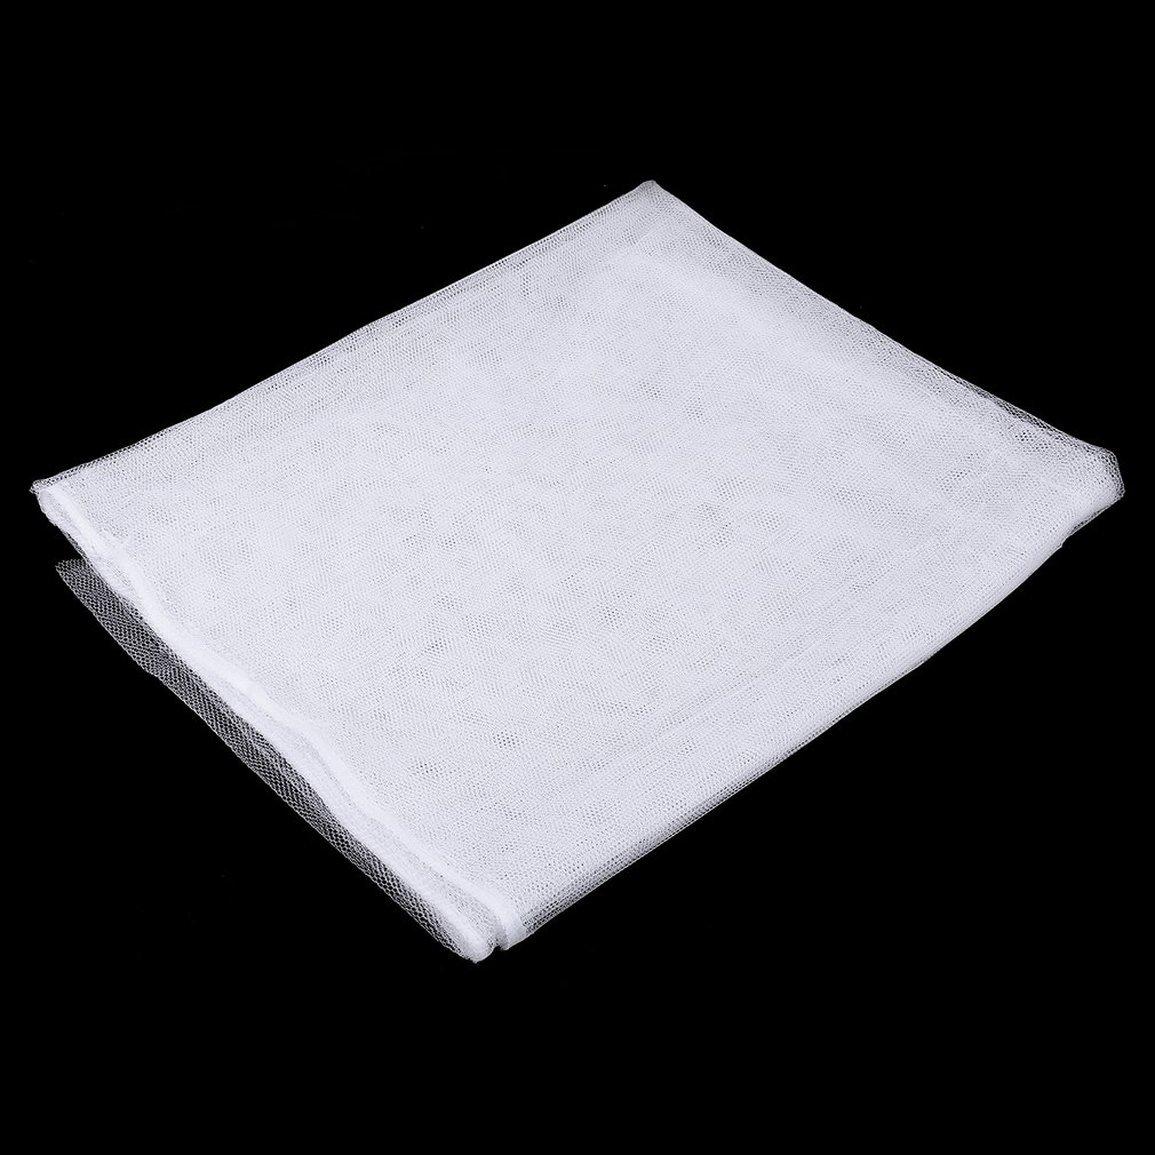 Garciasia Pr/áctico 1.5 Color: Blanco 1.3M DIY Mosquitera Cortina Pantalla de Insectos Mosca Mosquito Bug Ventana Puerta Malla de Puerta para Uso dom/éstico de Cocina